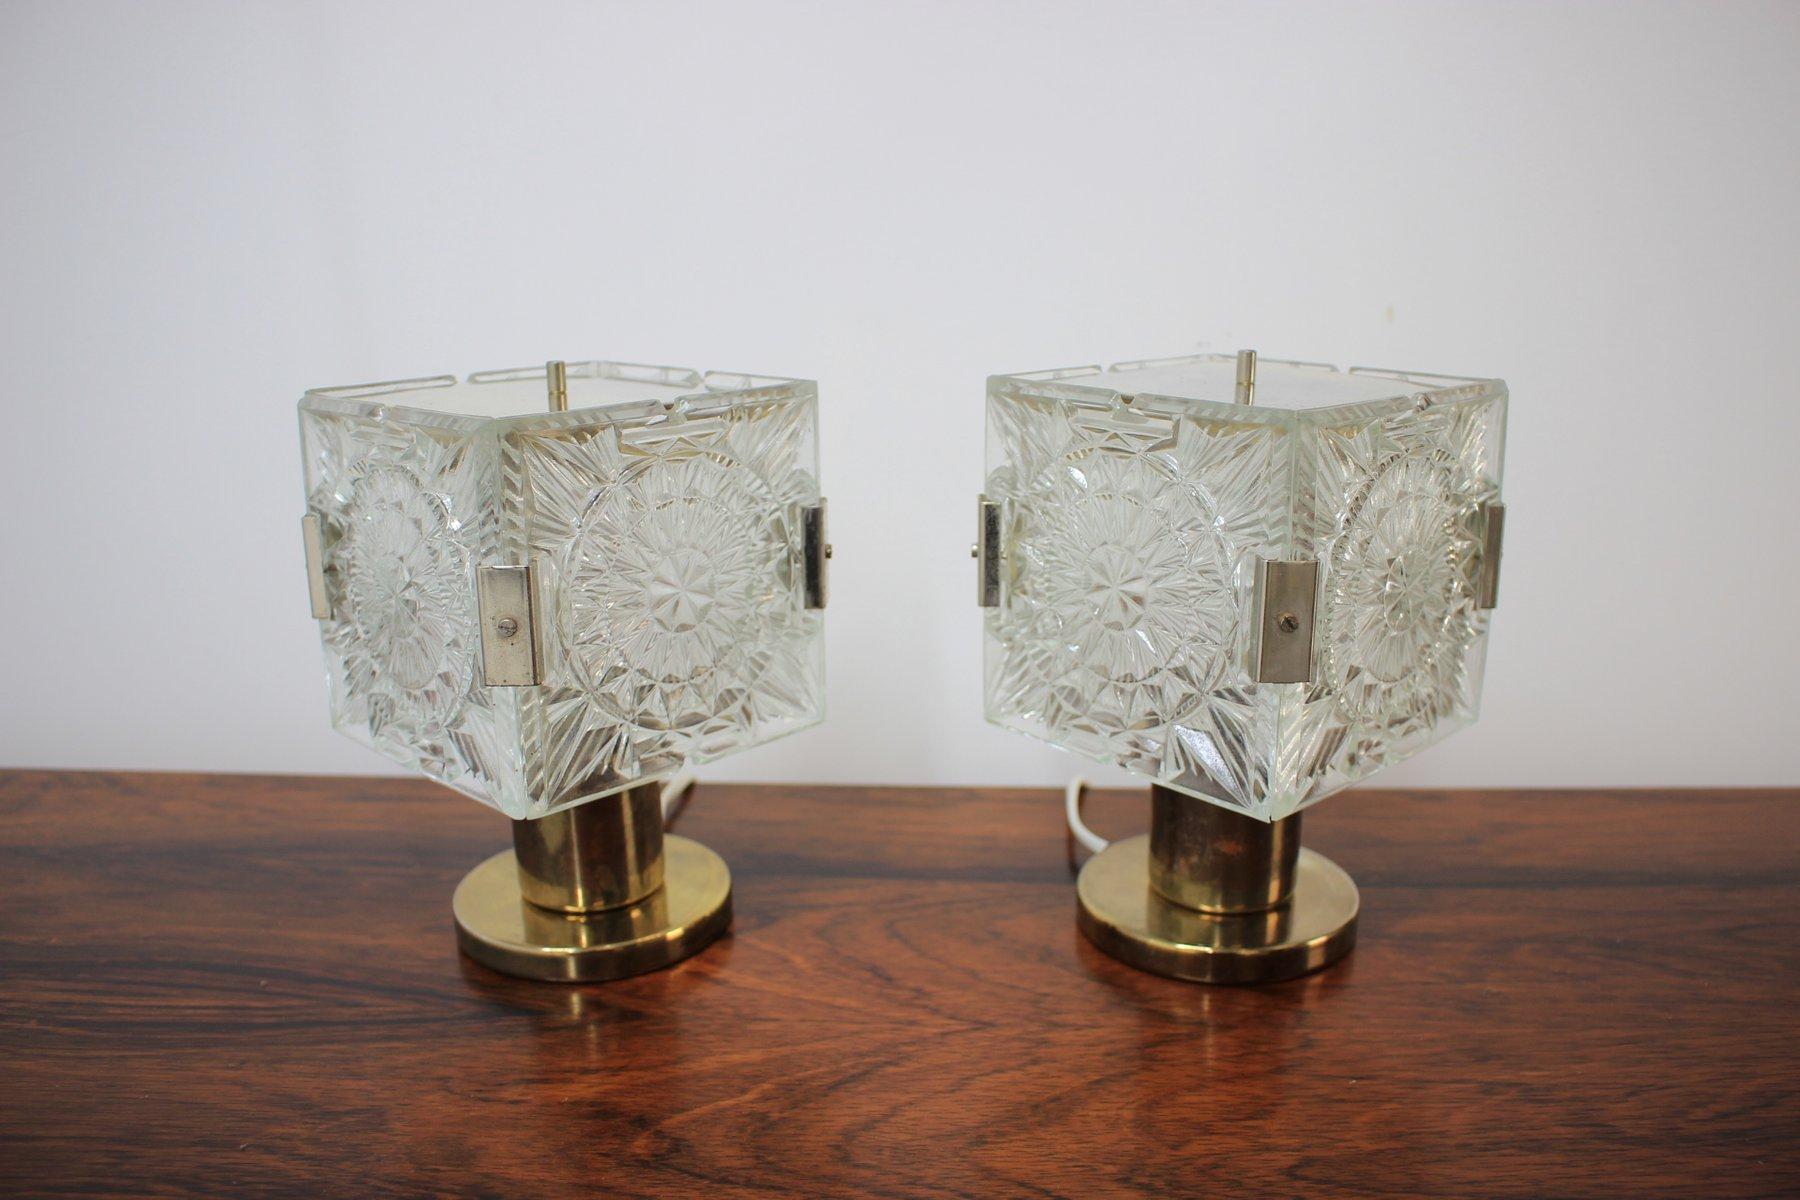 Vintage tischlampen aus glas und messing von kamenick for Tischlampen vintage